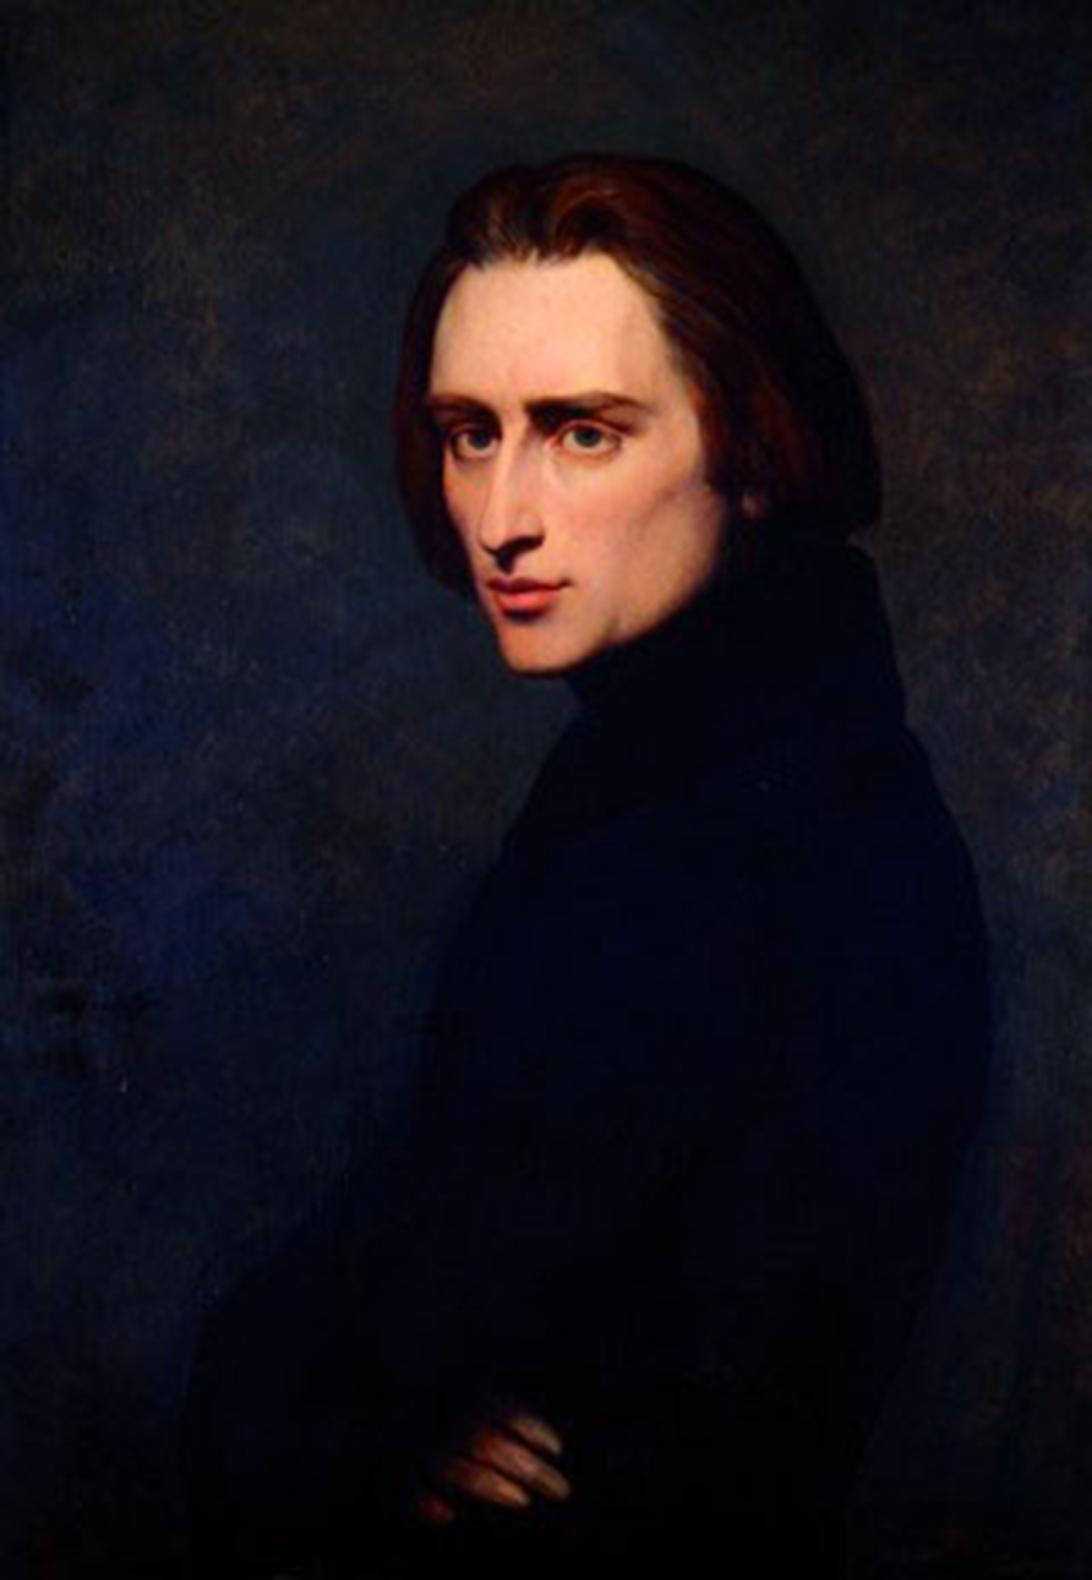 Musiques du cygne dans Musique Ary_Scheffer_-_Franz_Liszt